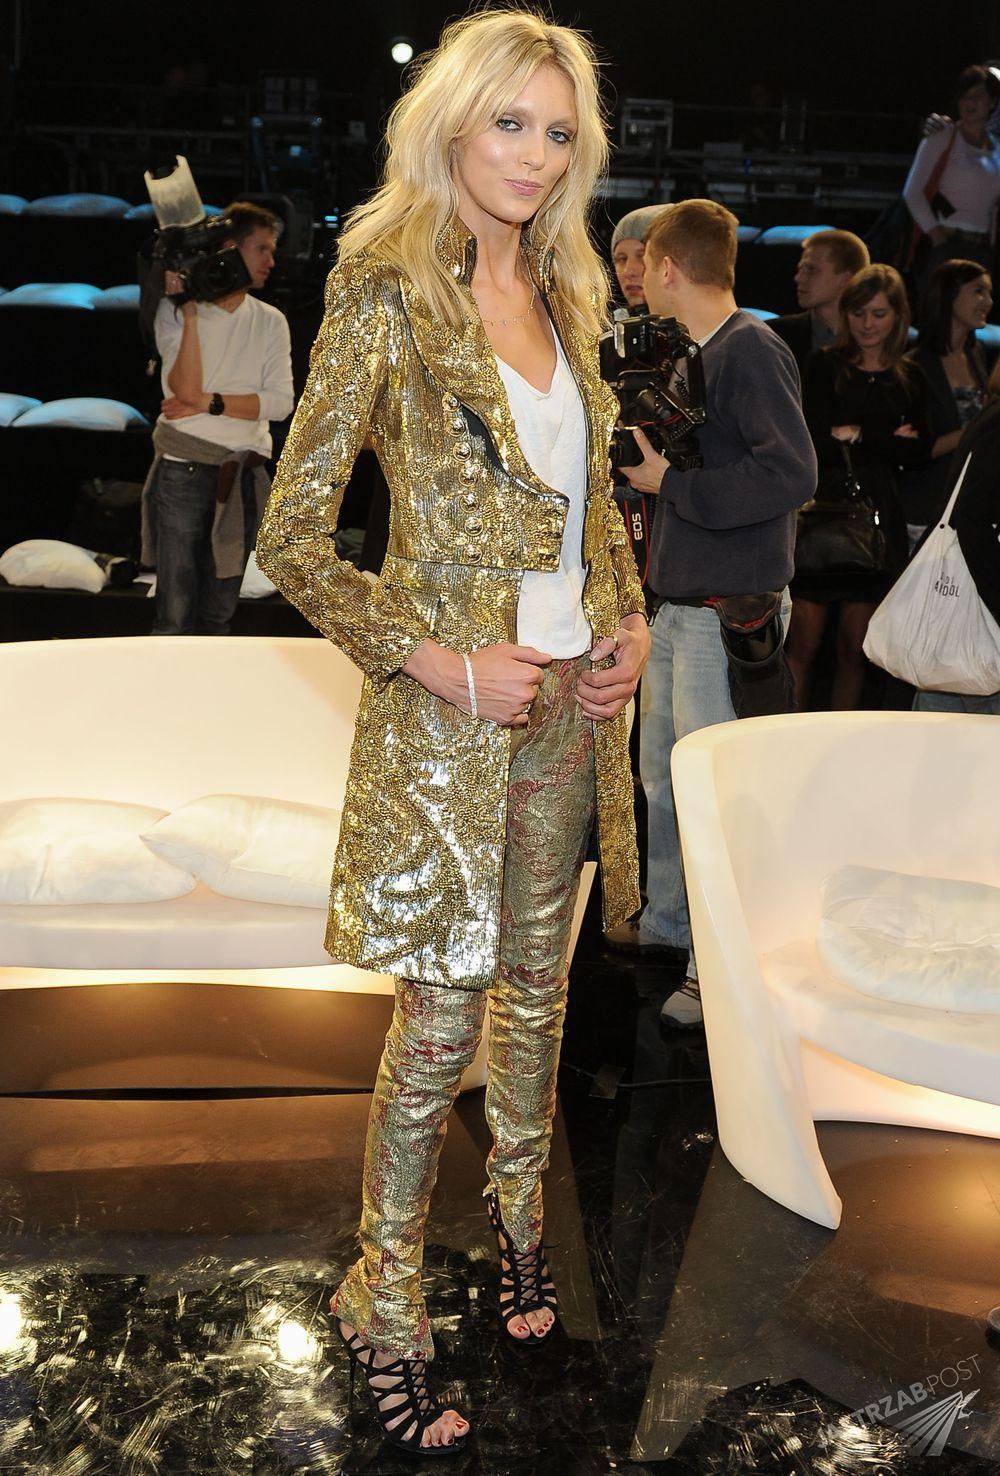 Finał Top Model 2010, Anja Rubik w kreacji domu mody Balmain Fot. ons